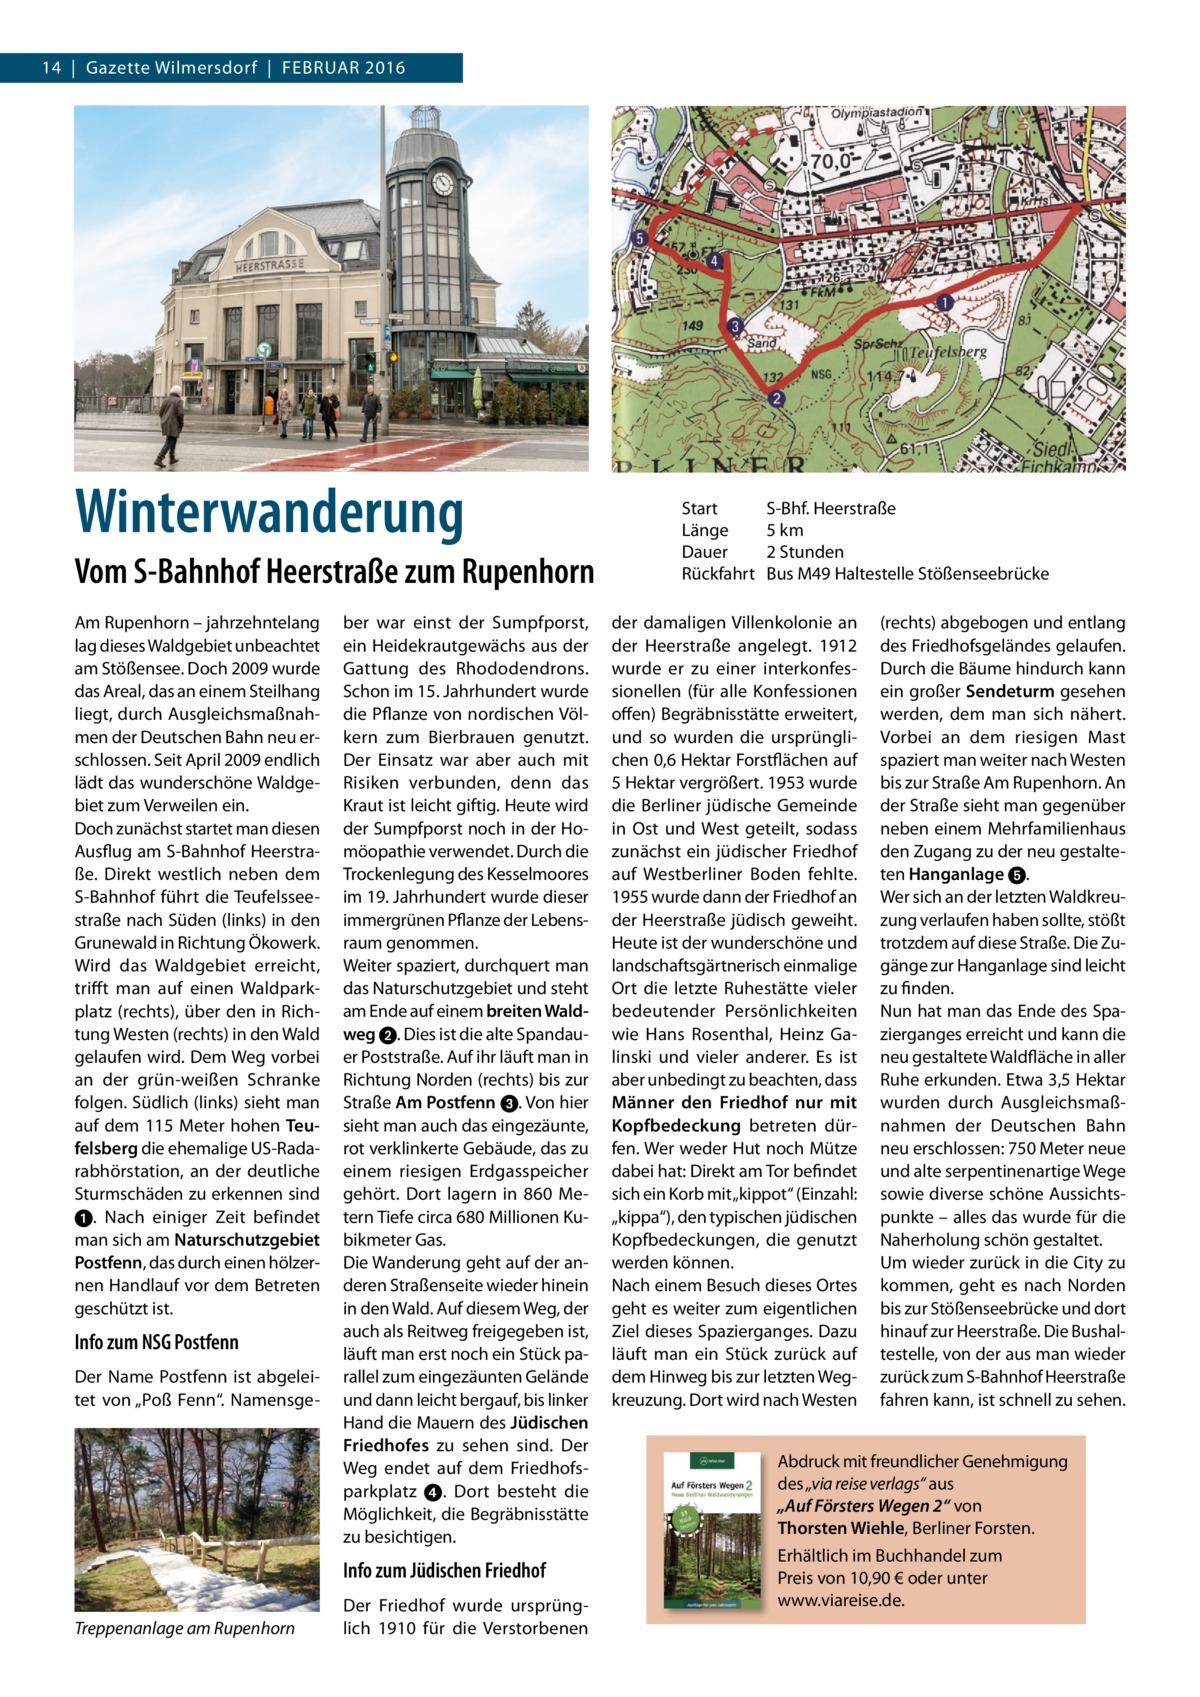 """14 Gazette Wilmersdorf FebruAr 2016  Winterwanderung Vom S-Bahnhof Heerstraße zum Rupenhorn Am rupenhorn – jahrzehntelang lag dieses Waldgebiet unbeachtet am Stößensee. Doch 2009 wurde das Areal, das an einem Steilhang liegt, durch Ausgleichsmaßnahmen der Deutschen bahn neu erschlossen. Seit April 2009 endlich lädt das wunderschöne Waldgebiet zum Verweilen ein. Doch zunächst startet man diesen Ausflug am S-bahnhof Heerstraße. Direkt westlich neben dem S-bahnhof führt die Teufelsseestraße nach Süden (links) in den Grunewald in richtung Ökowerk. Wird das Waldgebiet erreicht, trifft man auf einen Waldparkplatz (rechts), über den in richtung Westen (rechts) in den Wald gelaufen wird. Dem Weg vorbei an der grün-weißen Schranke folgen. Südlich (links) sieht man auf dem 115Meter hohen Teufelsberg die ehemalige uS-radarabhörstation, an der deutliche Sturmschäden zu erkennen sind ➊. Nach einiger Zeit befindet man sich am Naturschutzgebiet Postfenn, das durch einen hölzernen Handlauf vor dem betreten geschützt ist.  Info zum NSG Postfenn Der Name Postfenn ist abgeleitet von """"Poß Fenn"""". Namensge ber war einst der Sumpfporst, ein Heidekrautgewächs aus der Gattung des rhododendrons. Schon im 15.Jahrhundert wurde die Pflanze von nordischen Völkern zum bierbrauen genutzt. Der einsatz war aber auch mit risiken verbunden, denn das Kraut ist leicht giftig. Heute wird der Sumpfporst noch in der Homöopathie verwendet. Durch die Trockenlegung des Kesselmoores im 19.Jahrhundert wurde dieser immergrünen Pflanze der Lebensraum genommen. Weiter spaziert, durchquert man das Naturschutzgebiet und steht am ende auf einem breiten Waldweg➋. Dies ist die alte Spandauer Poststraße. Auf ihr läuft man in richtung Norden (rechts) bis zur Straße Am Postfenn ➌. Von hier sieht man auch das eingezäunte, rot verklinkerte Gebäude, das zu einem riesigen erdgasspeicher gehört. Dort lagern in 860 Metern Tiefe circa 680Millionen Kubikmeter Gas. Die Wanderung geht auf der anderen Straßenseite wieder hinein in d"""